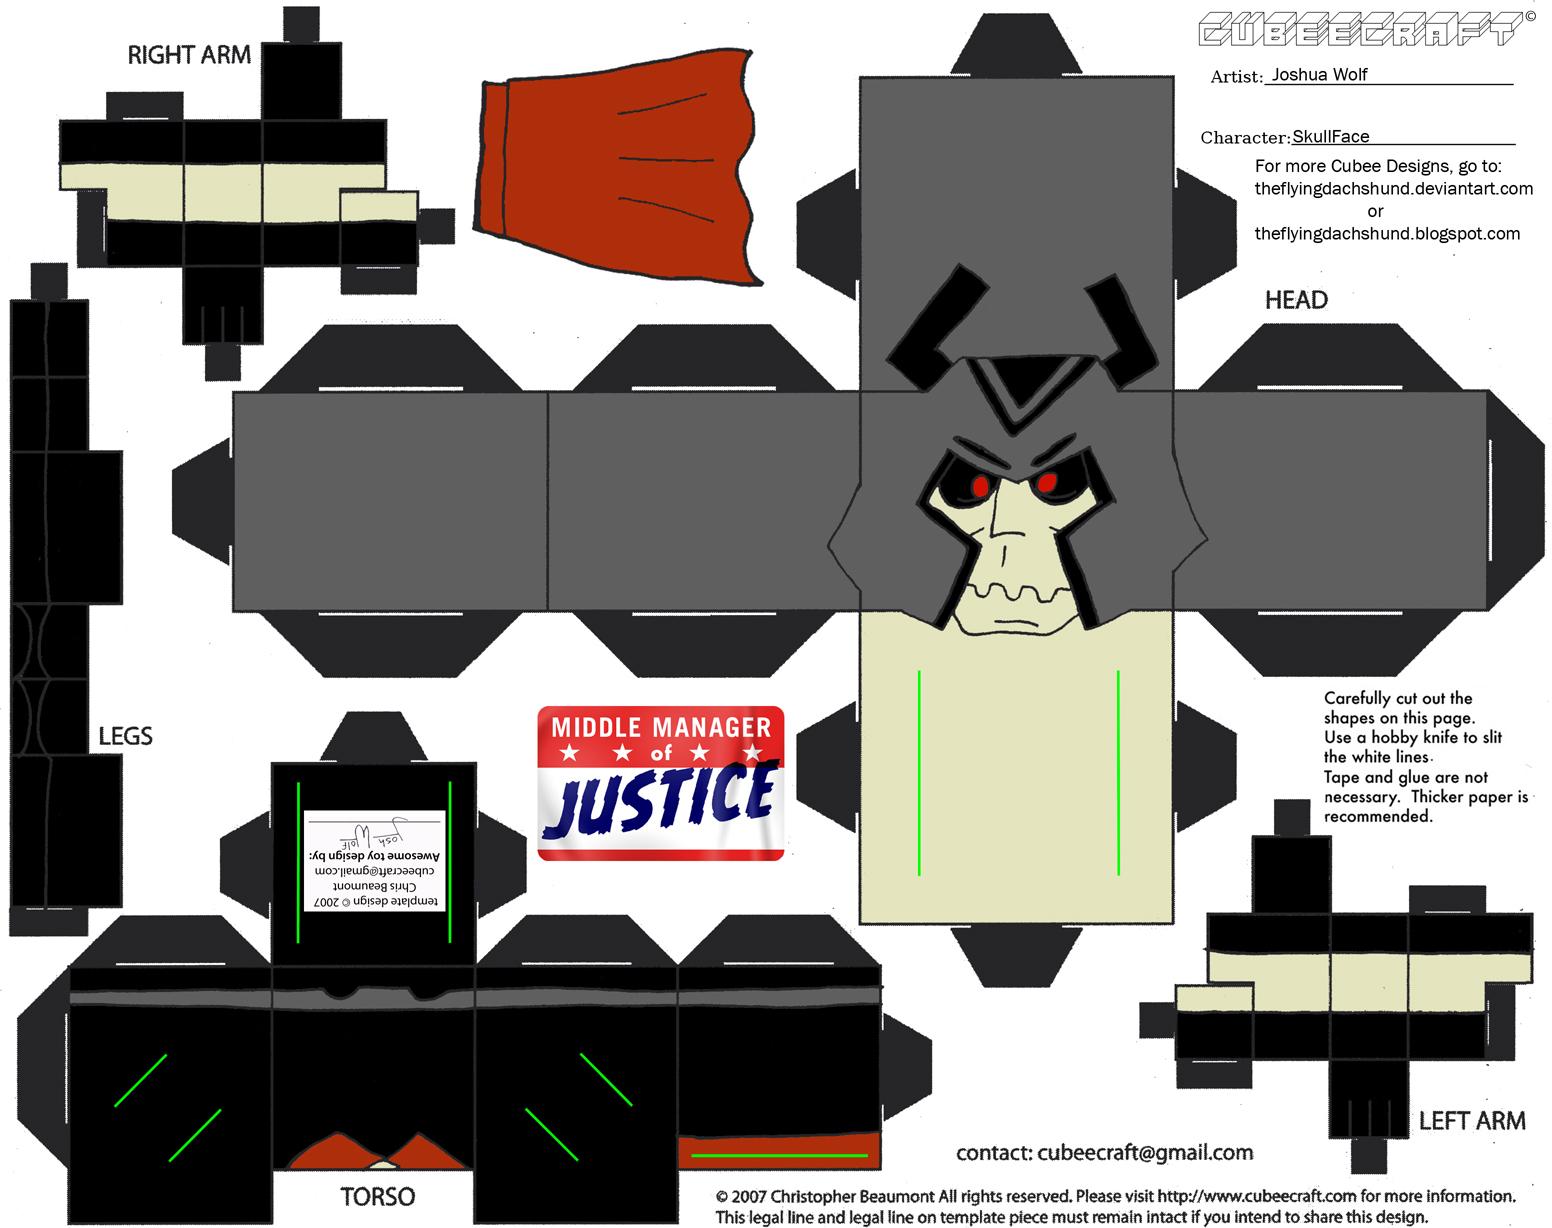 VG22: SkullFace Cubee by TheFlyingDachshund on DeviantArt